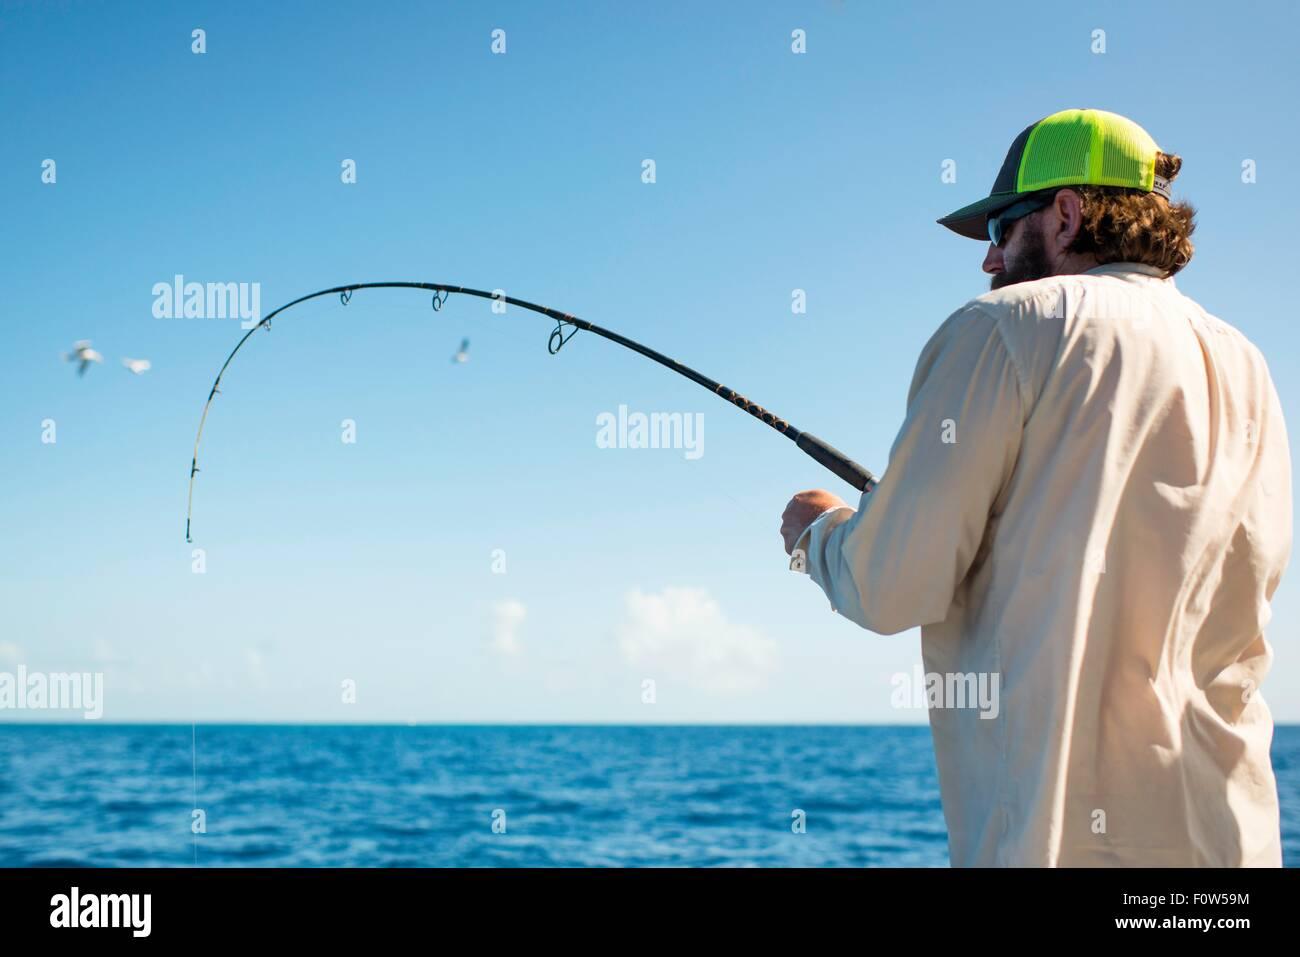 L'uomo la pesca in mare, Islamorada, Florida, Stati Uniti d'America Immagini Stock